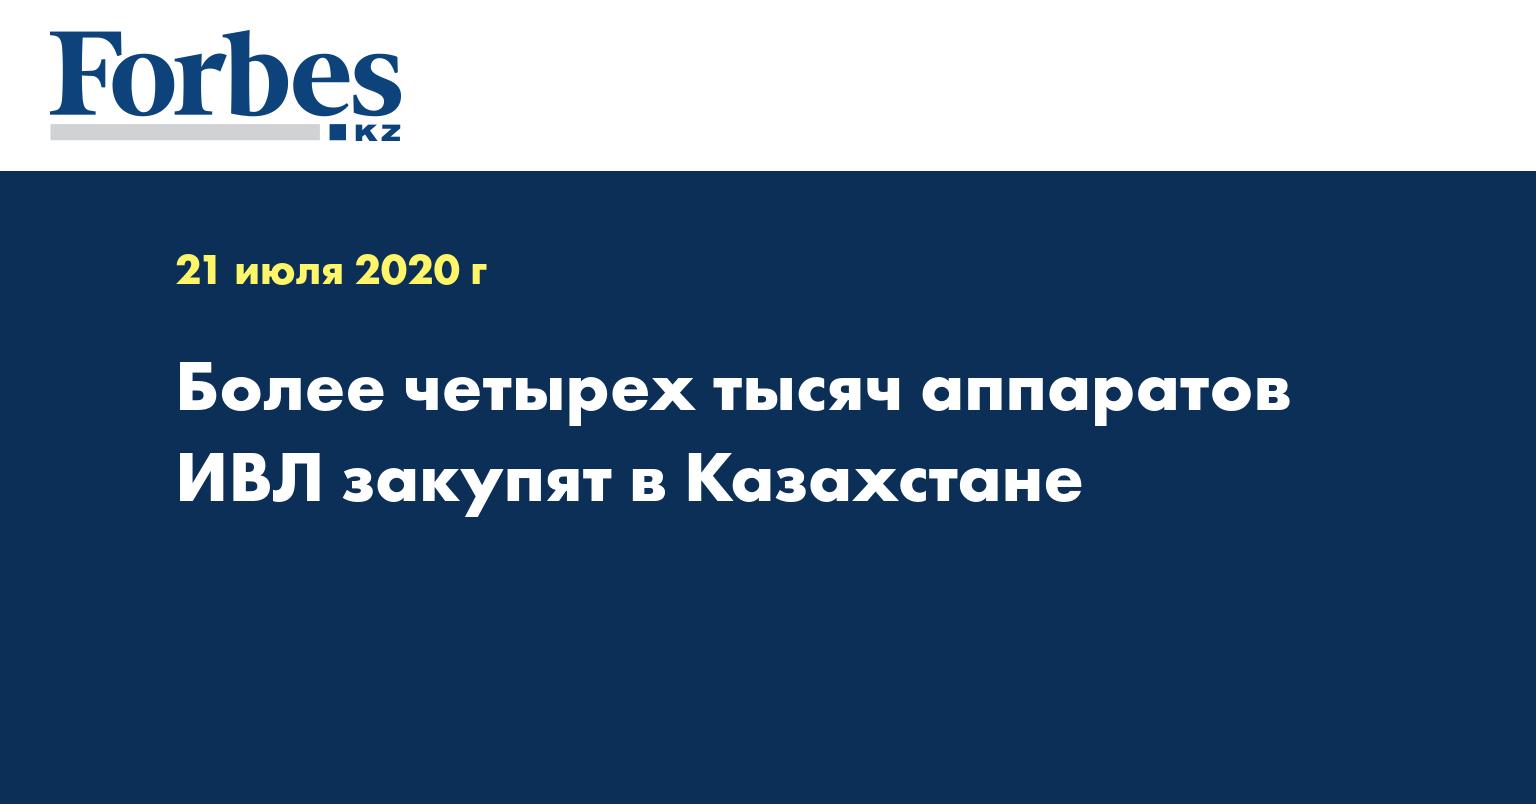 Более четырех тысяч аппаратов ИВЛ закупят в Казахстане